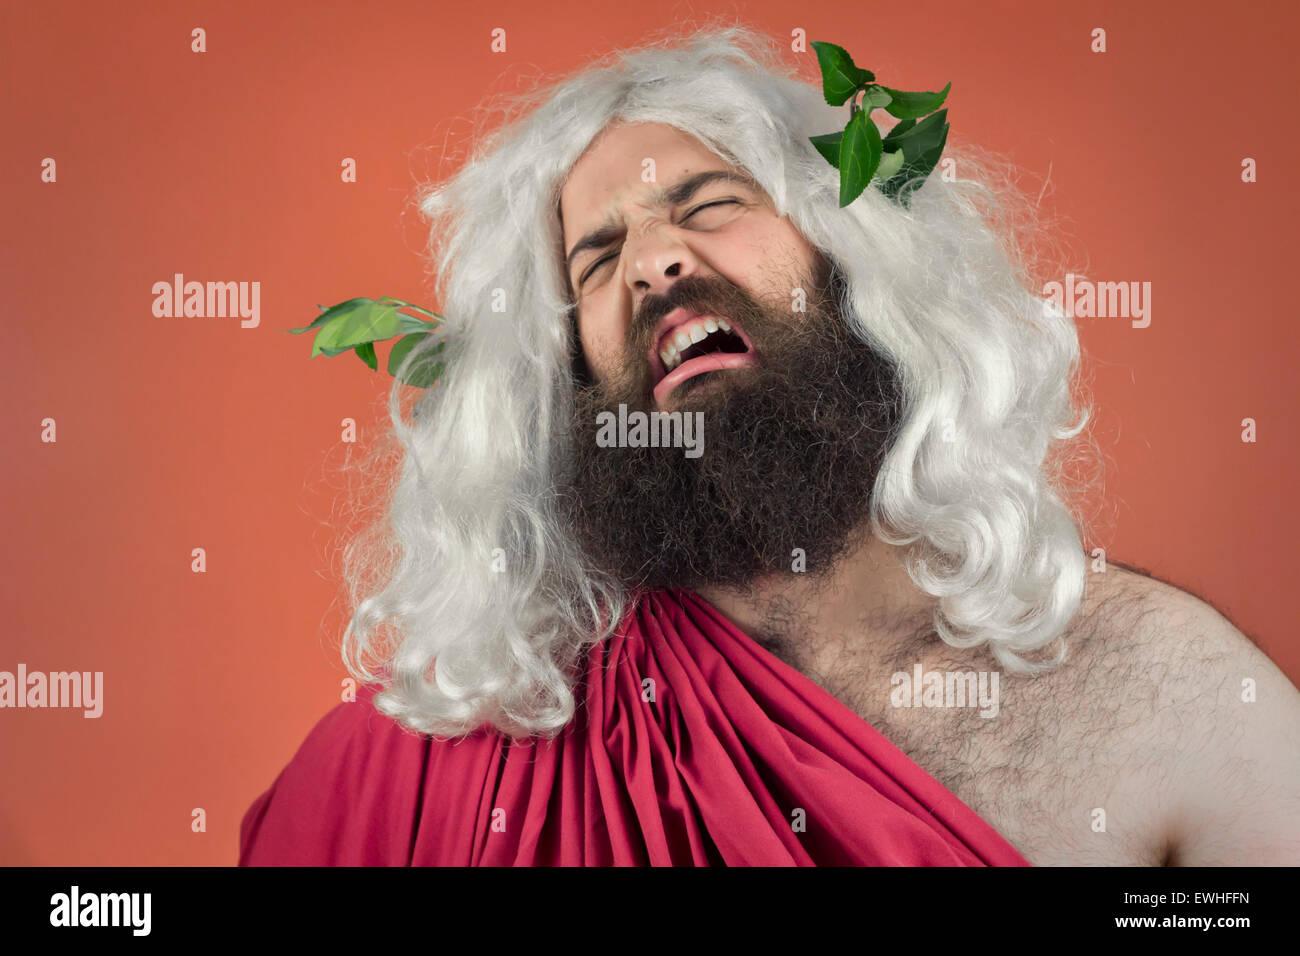 Crying zeus god or jupiter against orange background Stock Photo